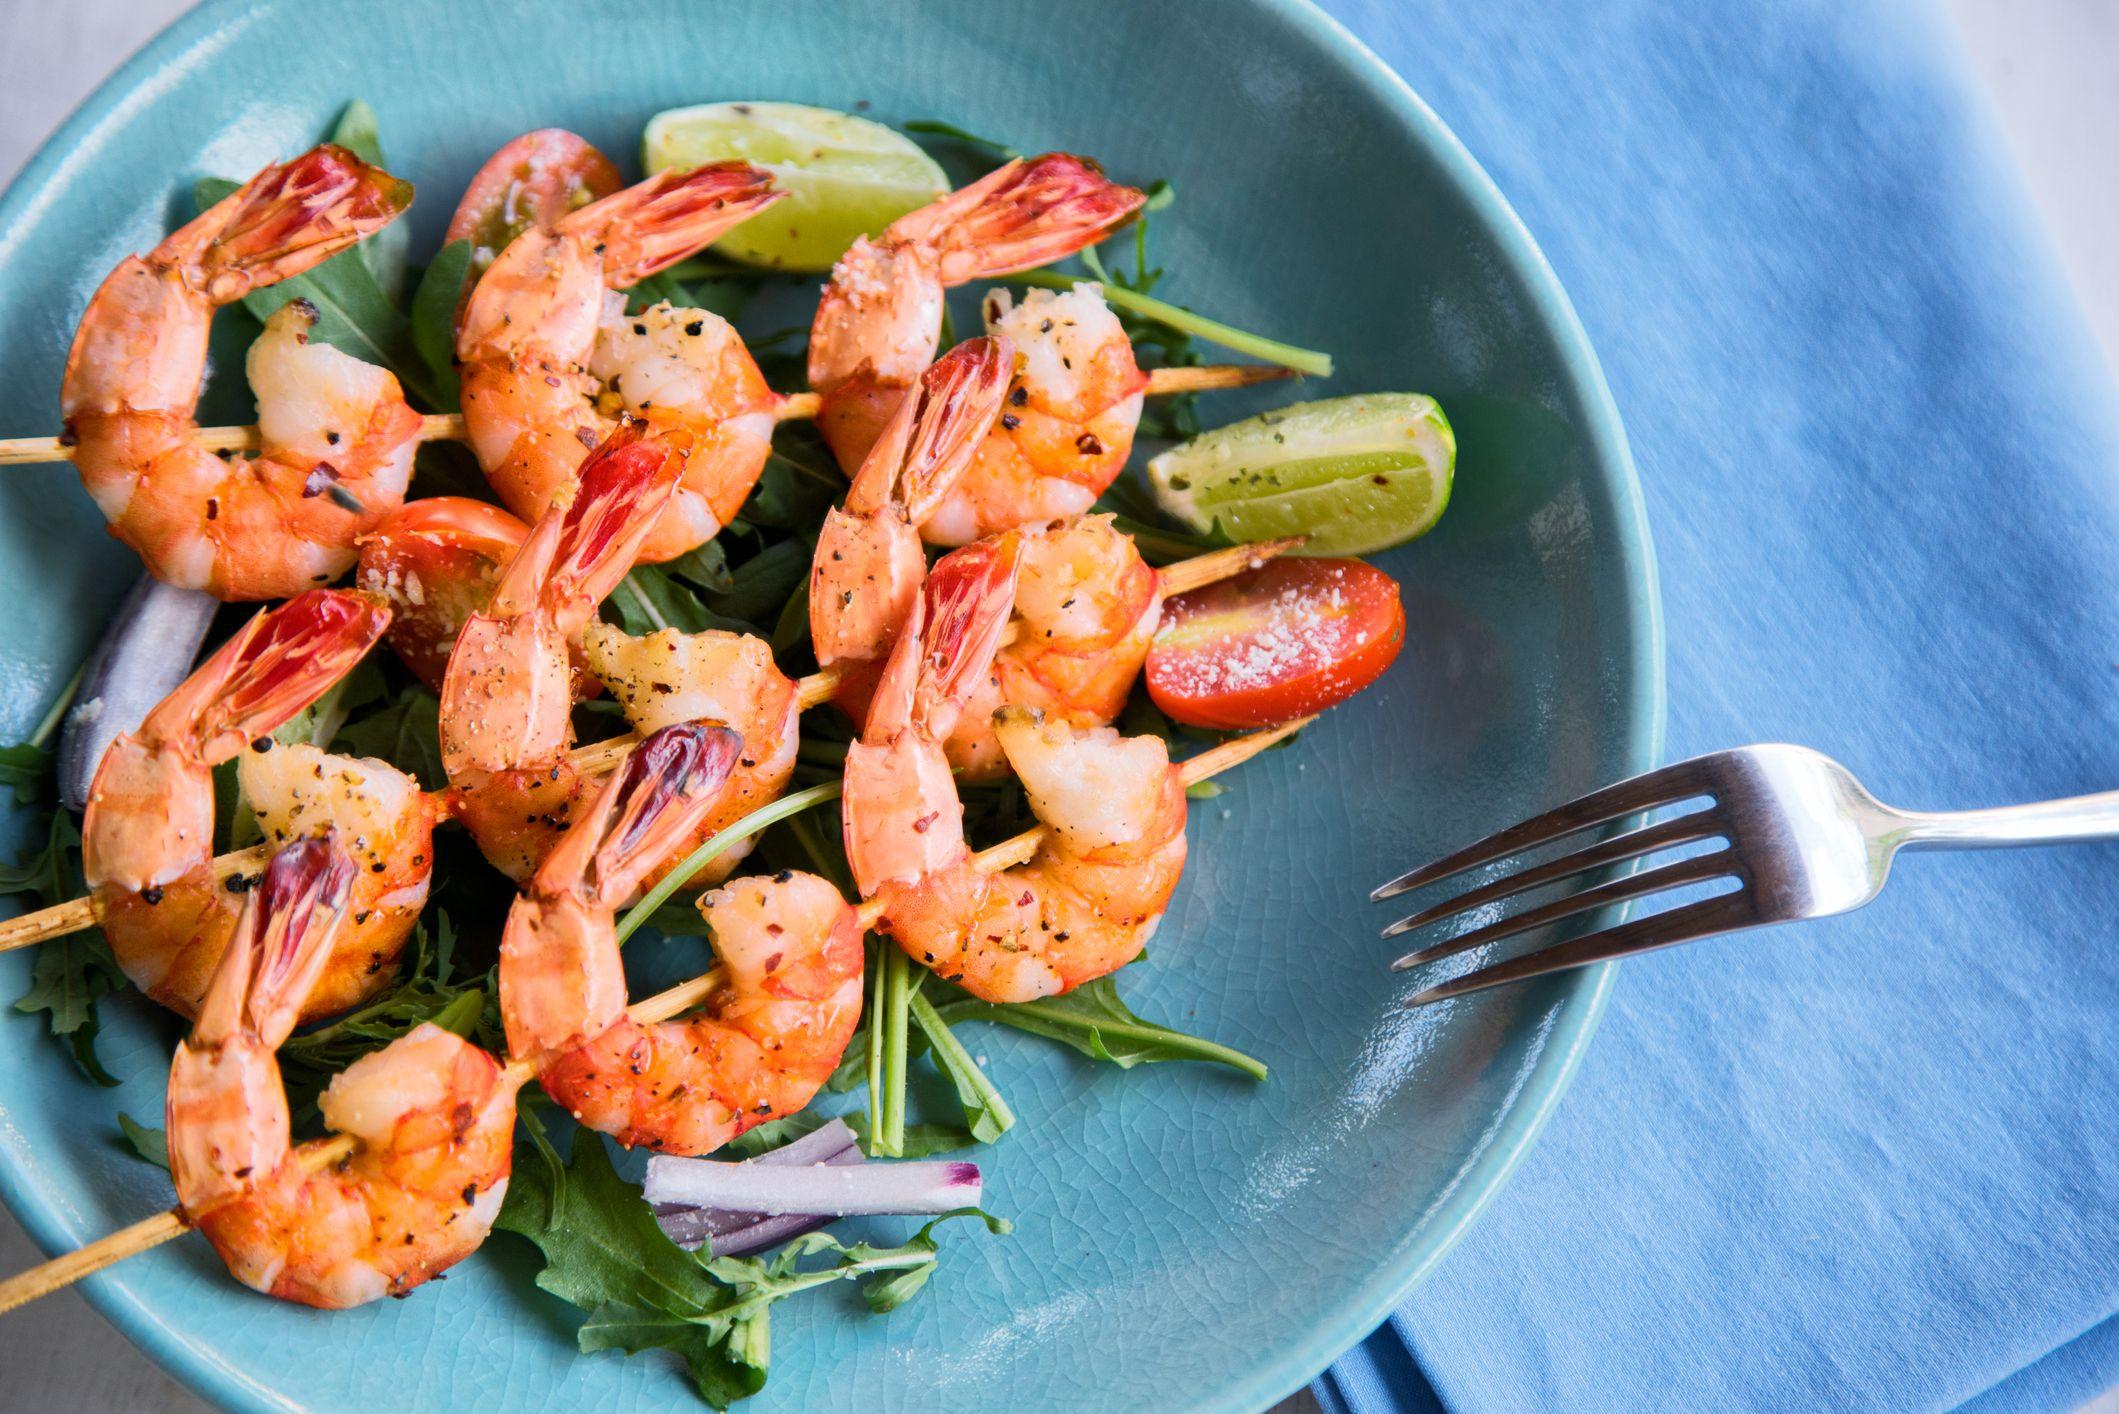 diferencia alimentacion y dieta cetogenica